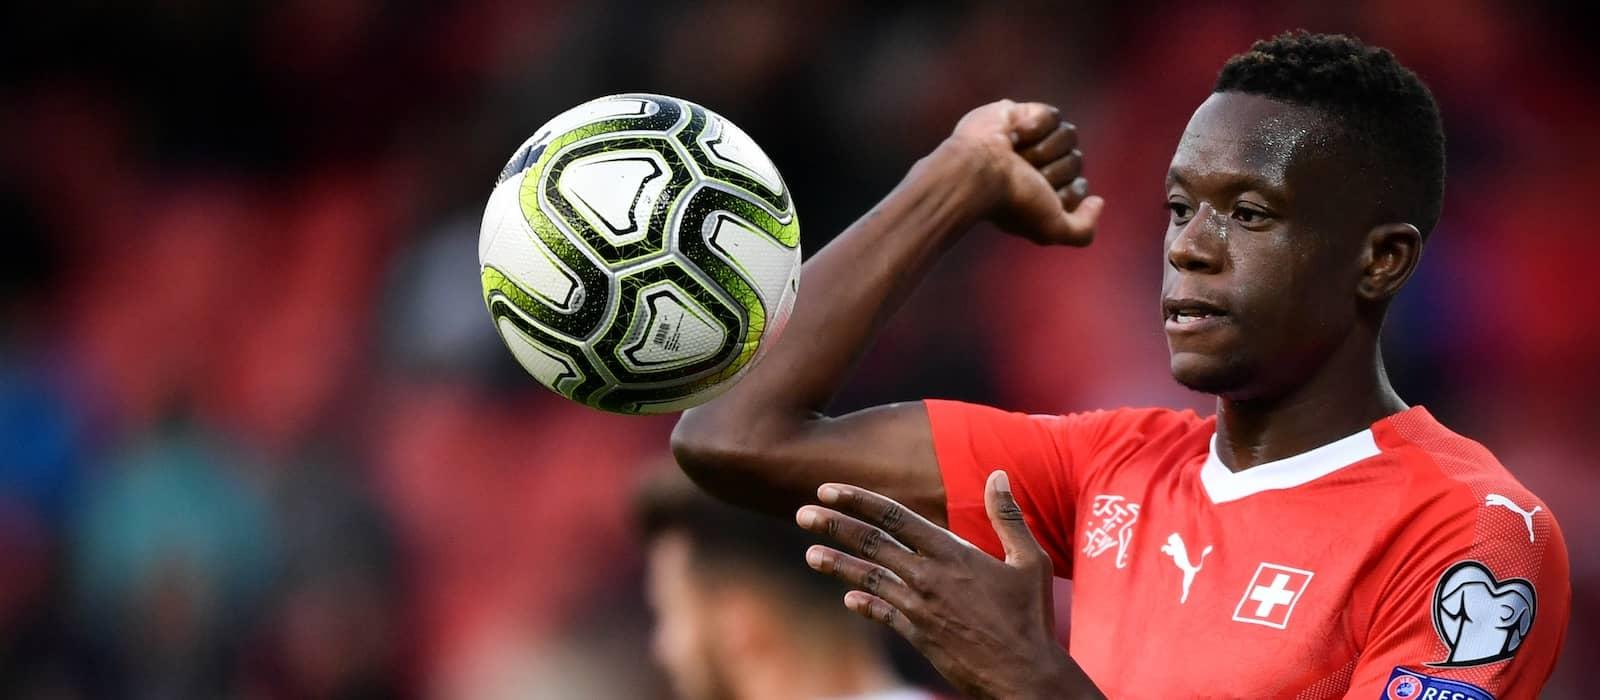 Denis Zakaria proves he's amongst Europe's best amid Manchester United interest